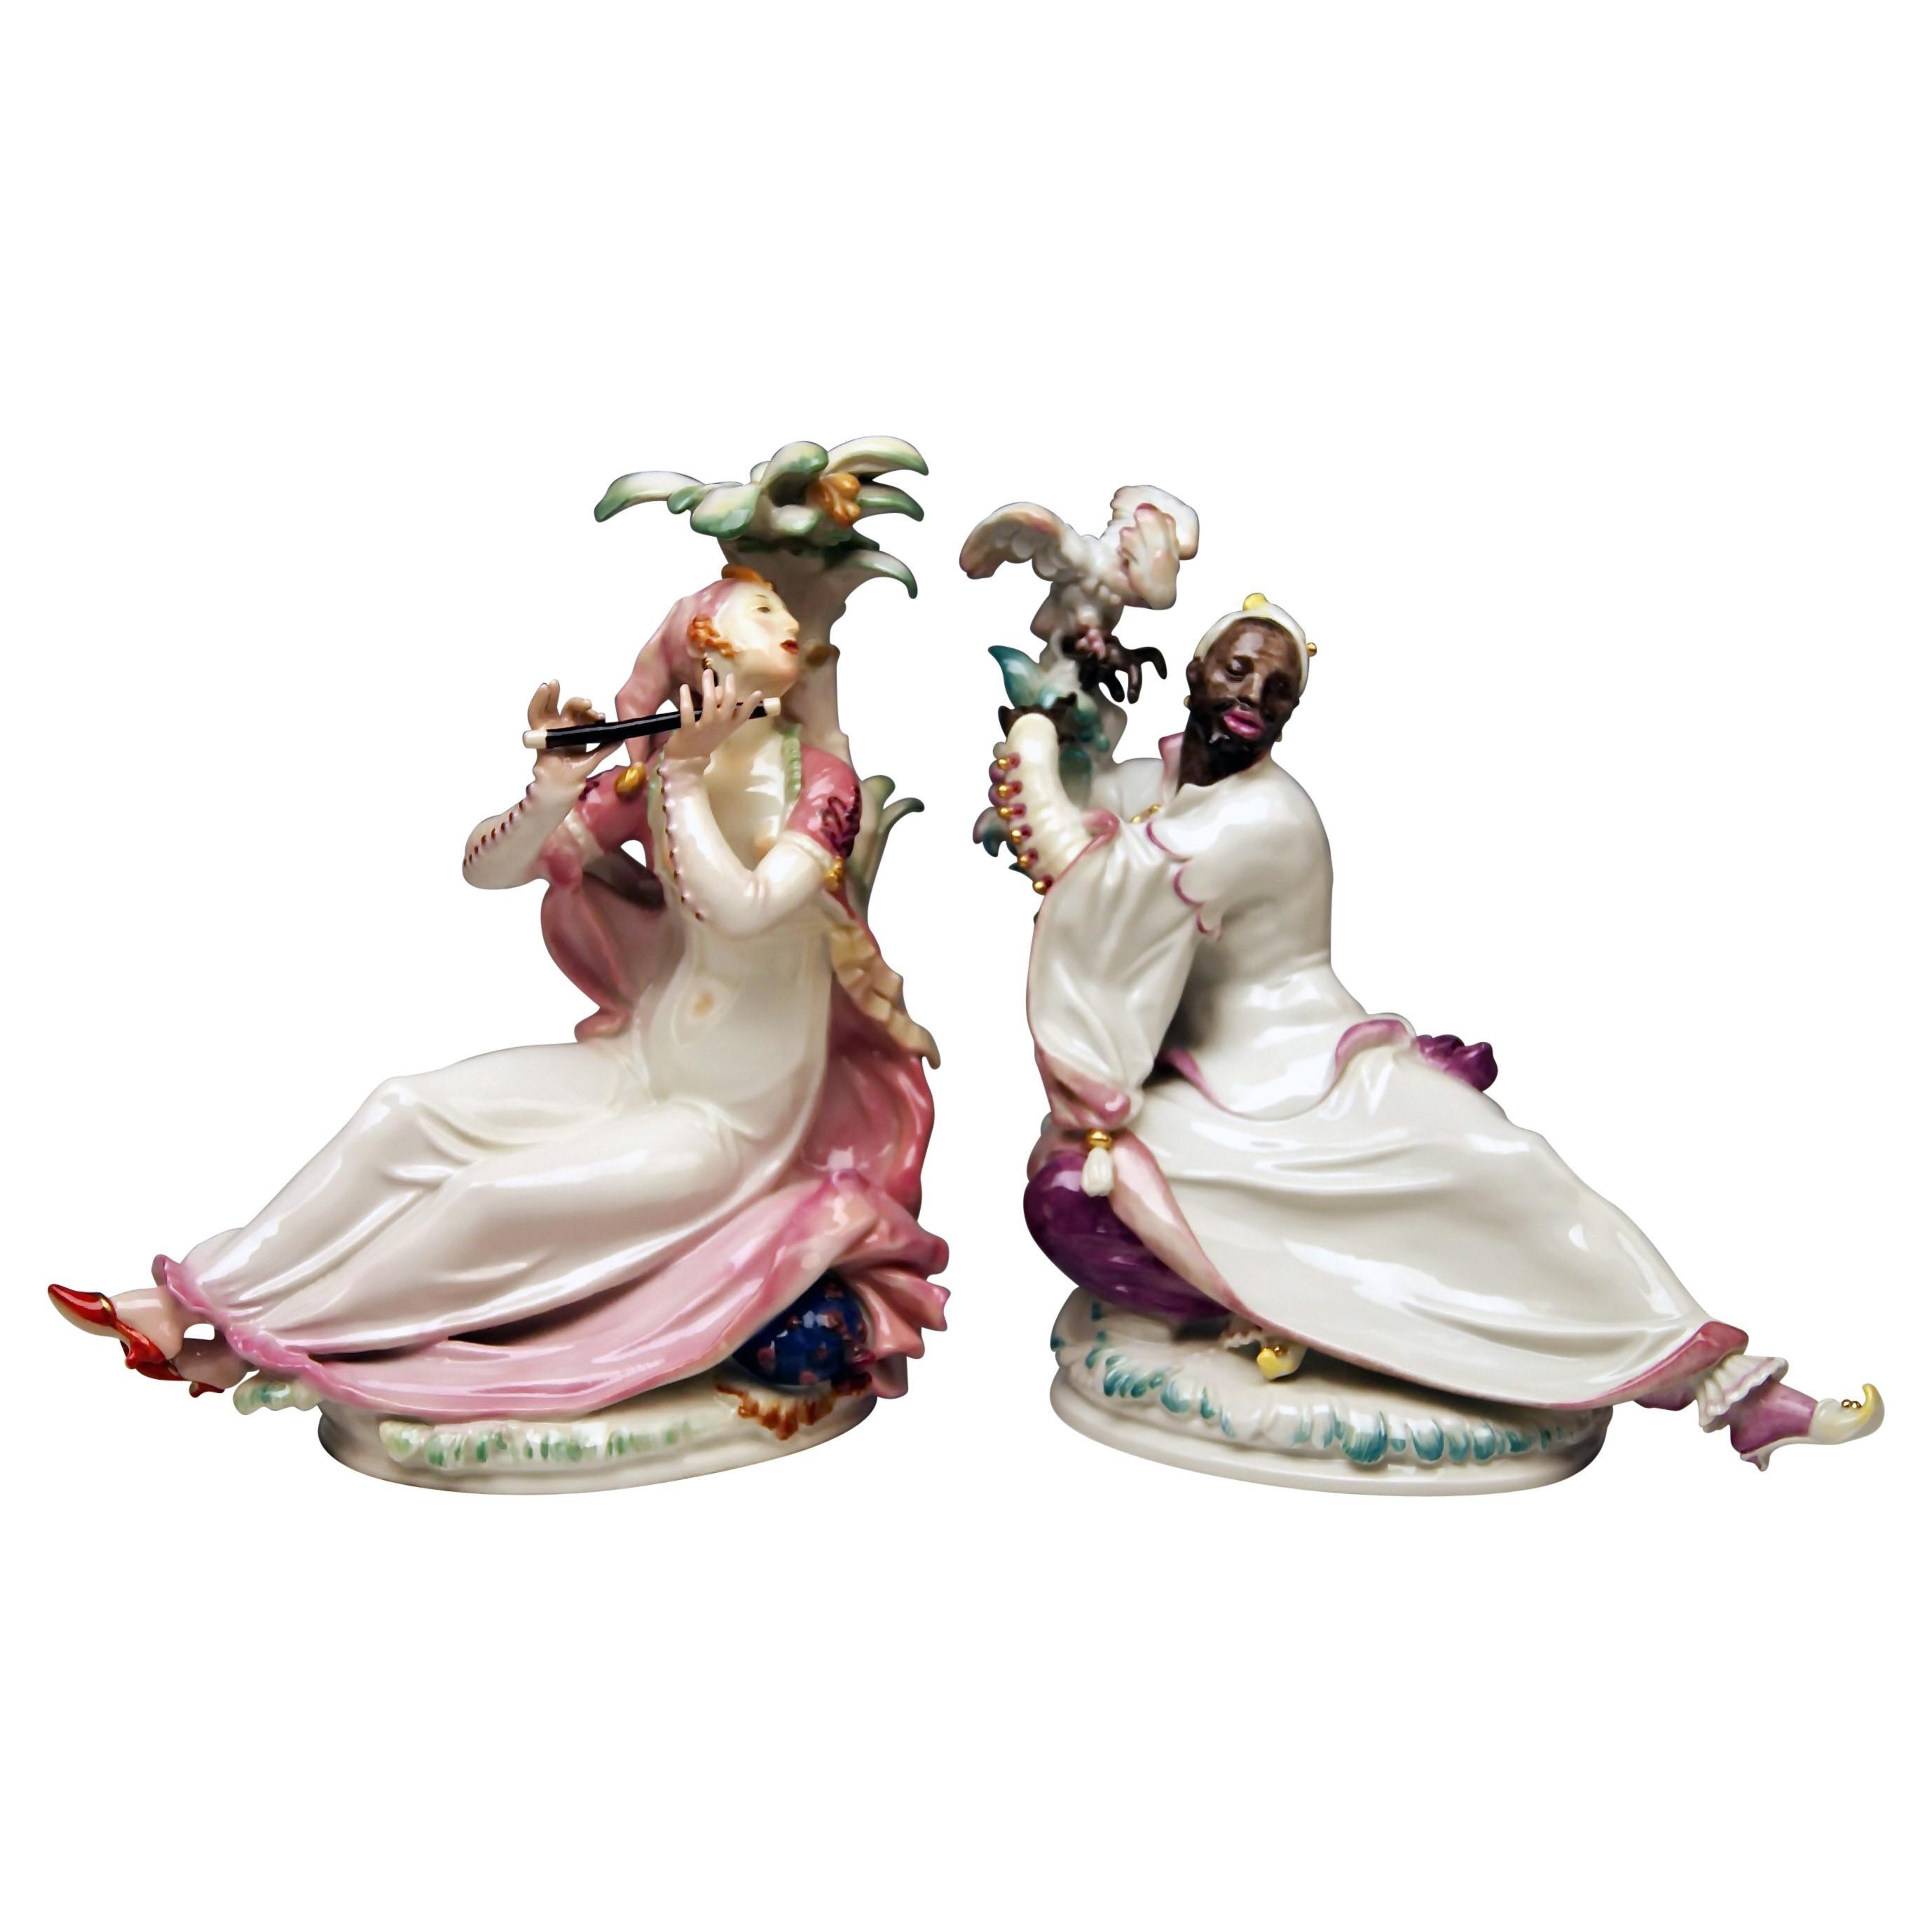 Meissen Pair of Oriental Figurines A 1146 67073 Scheurich Made 20th Century